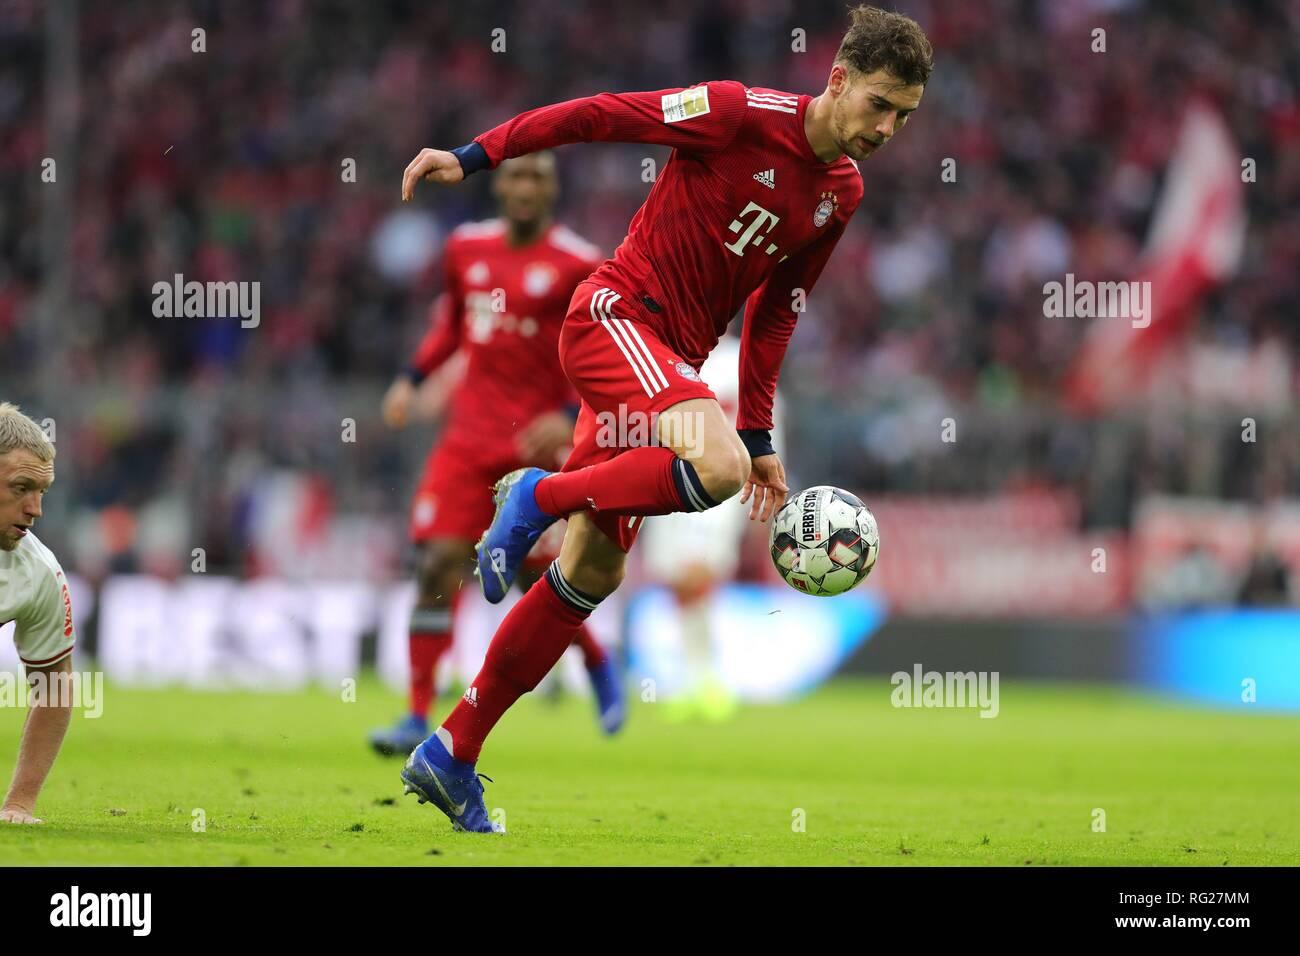 firo: 27.01.2019, Fuvuball, 1.Bundesliga, season 2018/2019, FC Bayern Munich - VFB Stuttgart, Leon Goretzka, FC Bayern, Munich, Munich, Munich Munich, whole figure | usage worldwide Stock Photo